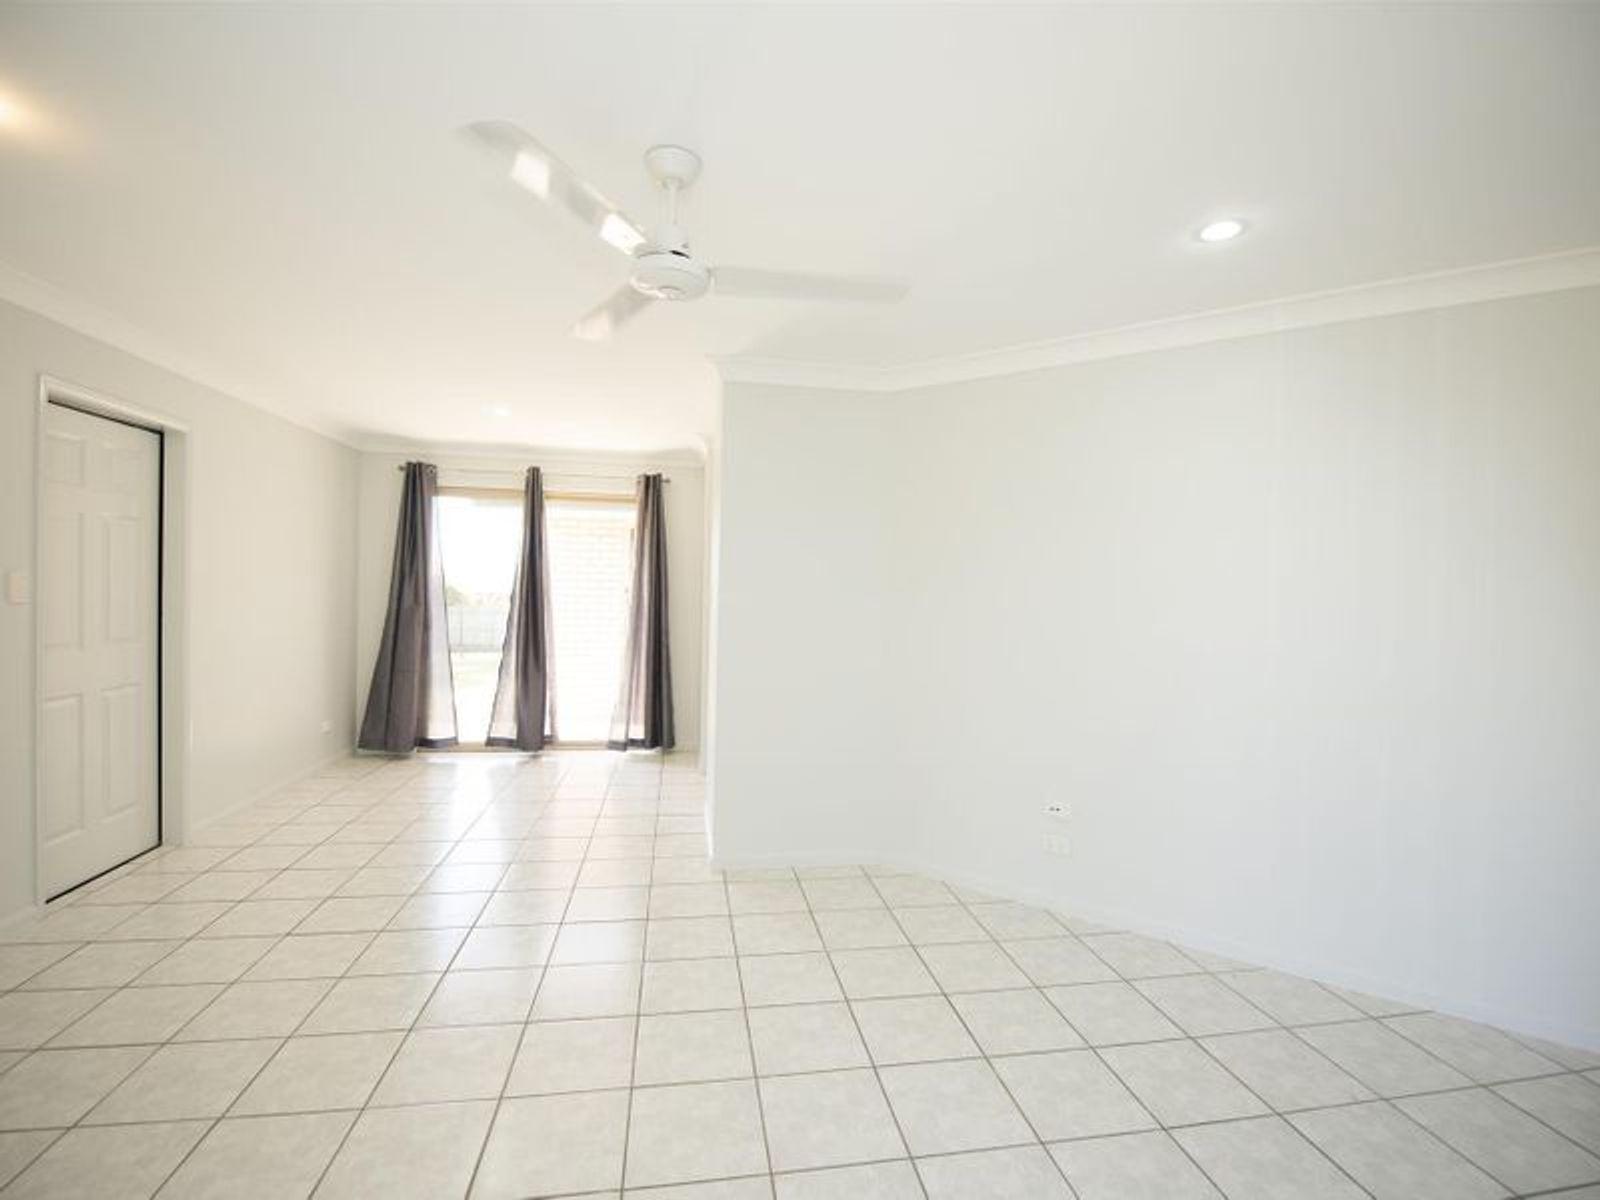 44 Adair Court, Rural View, QLD 4740